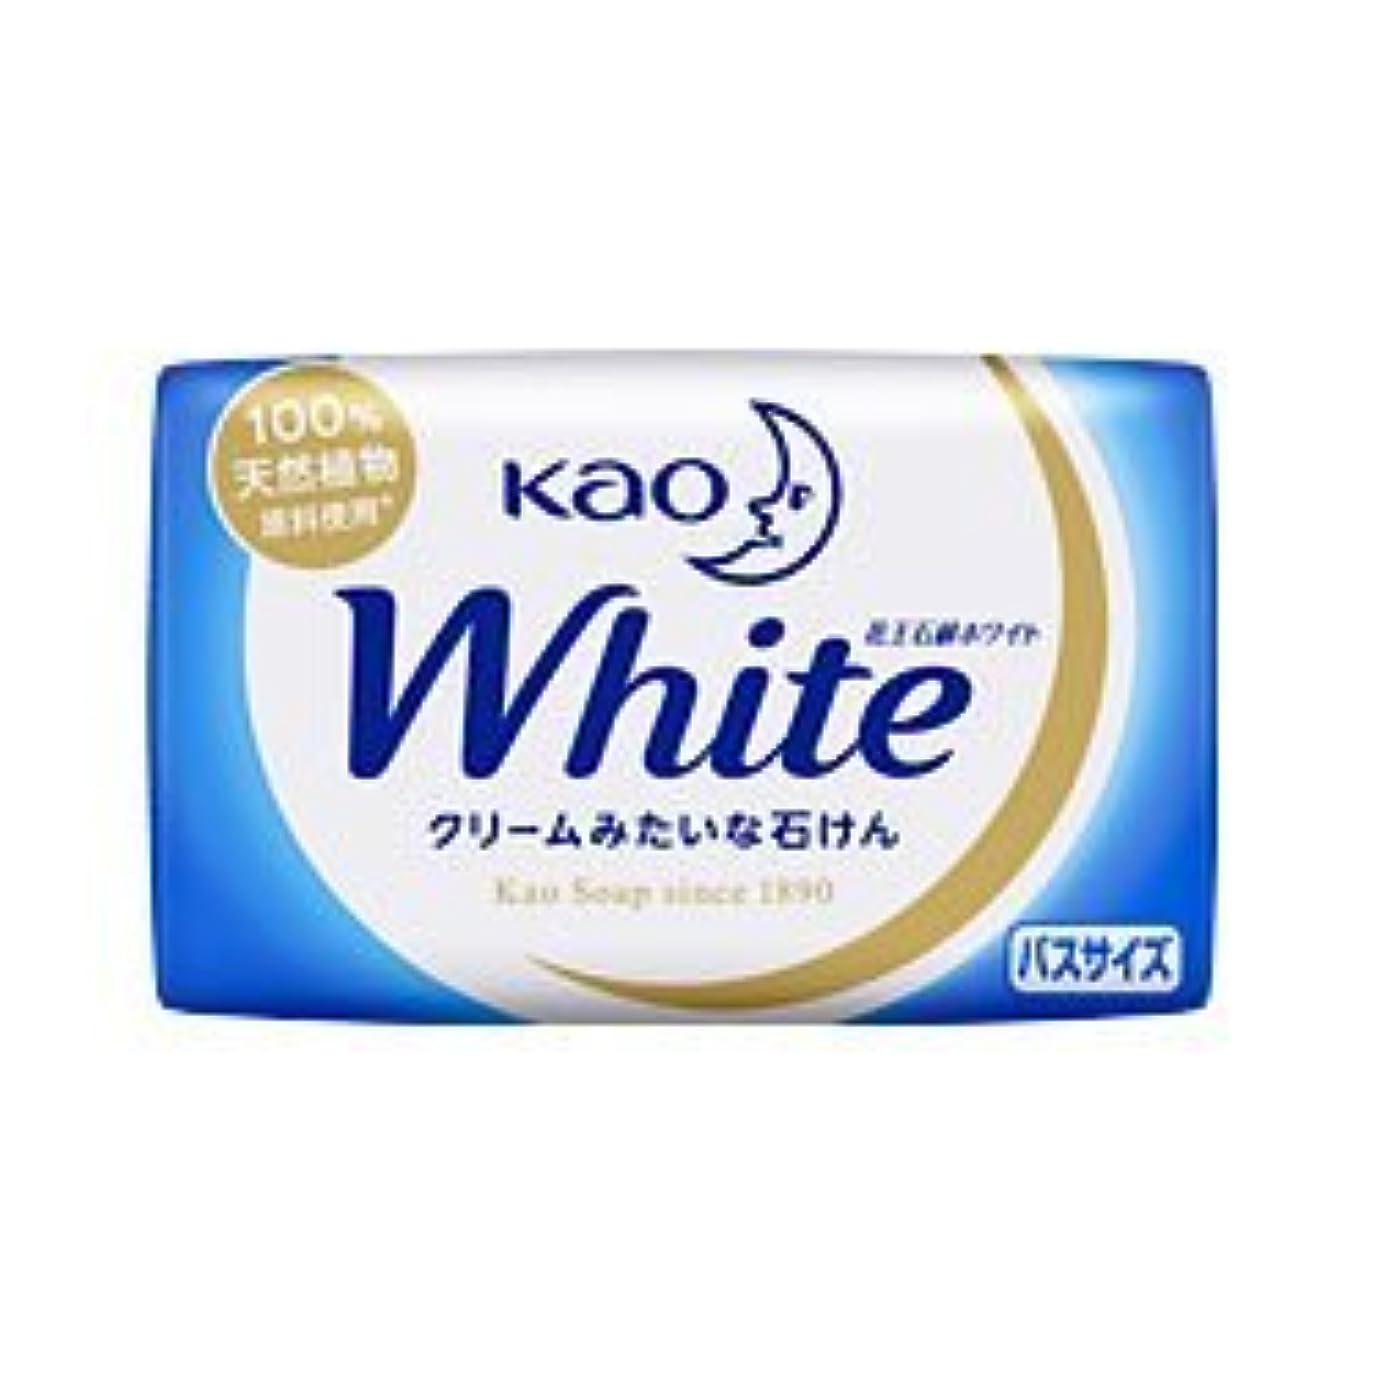 ハウジング酔った見込み【花王】花王ホワイト バスサイズ 1個 130g ×10個セット